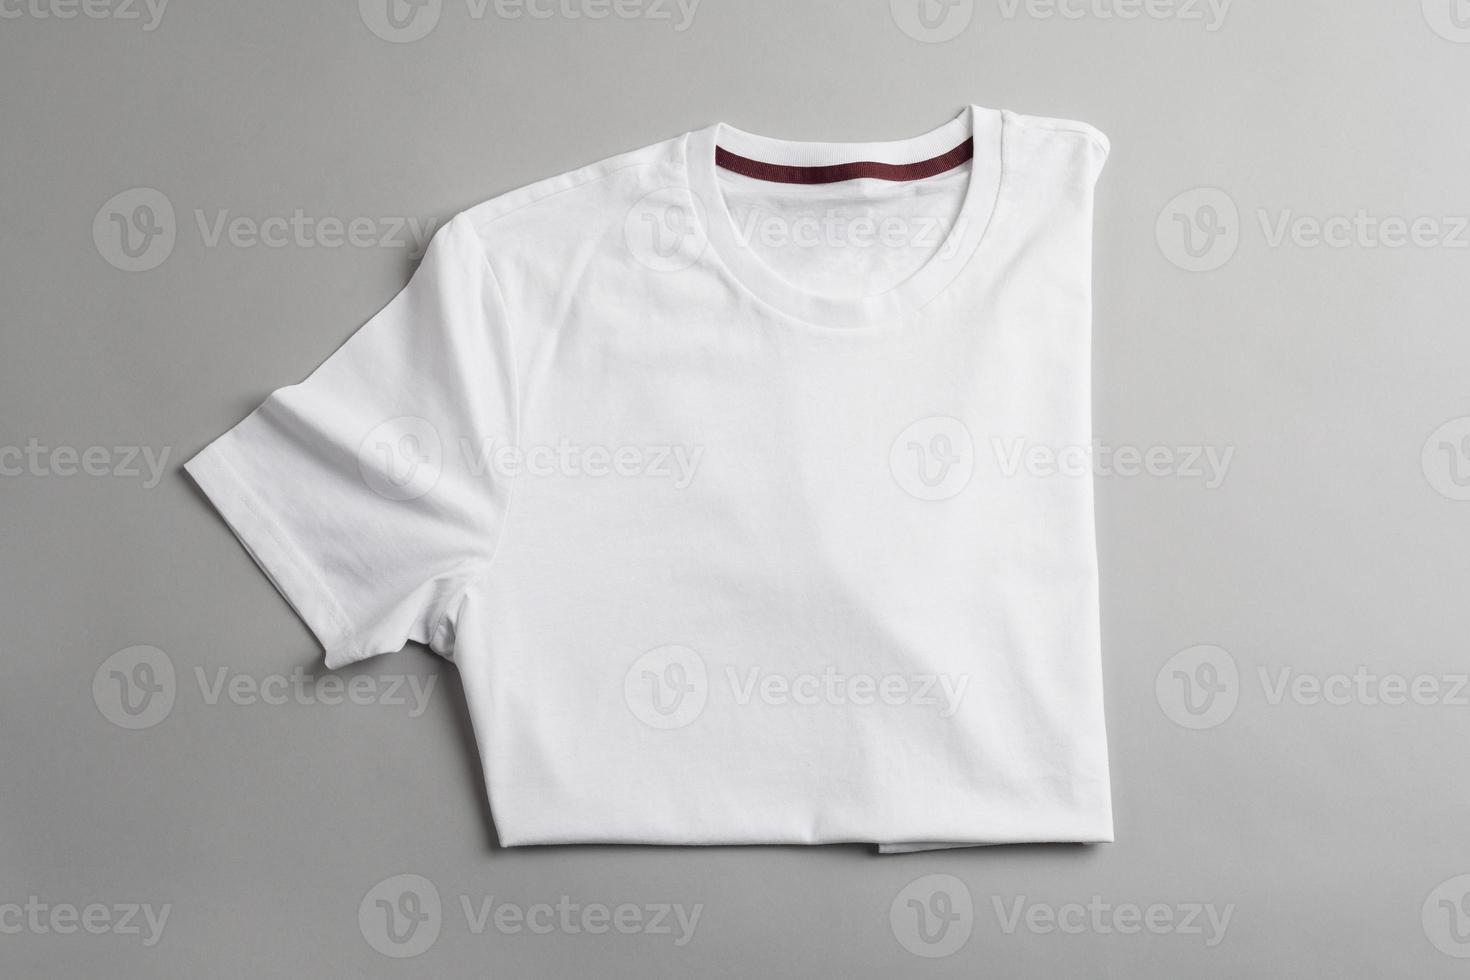 modèle de tshirt blanc prêt pour votre conception graphique. photo